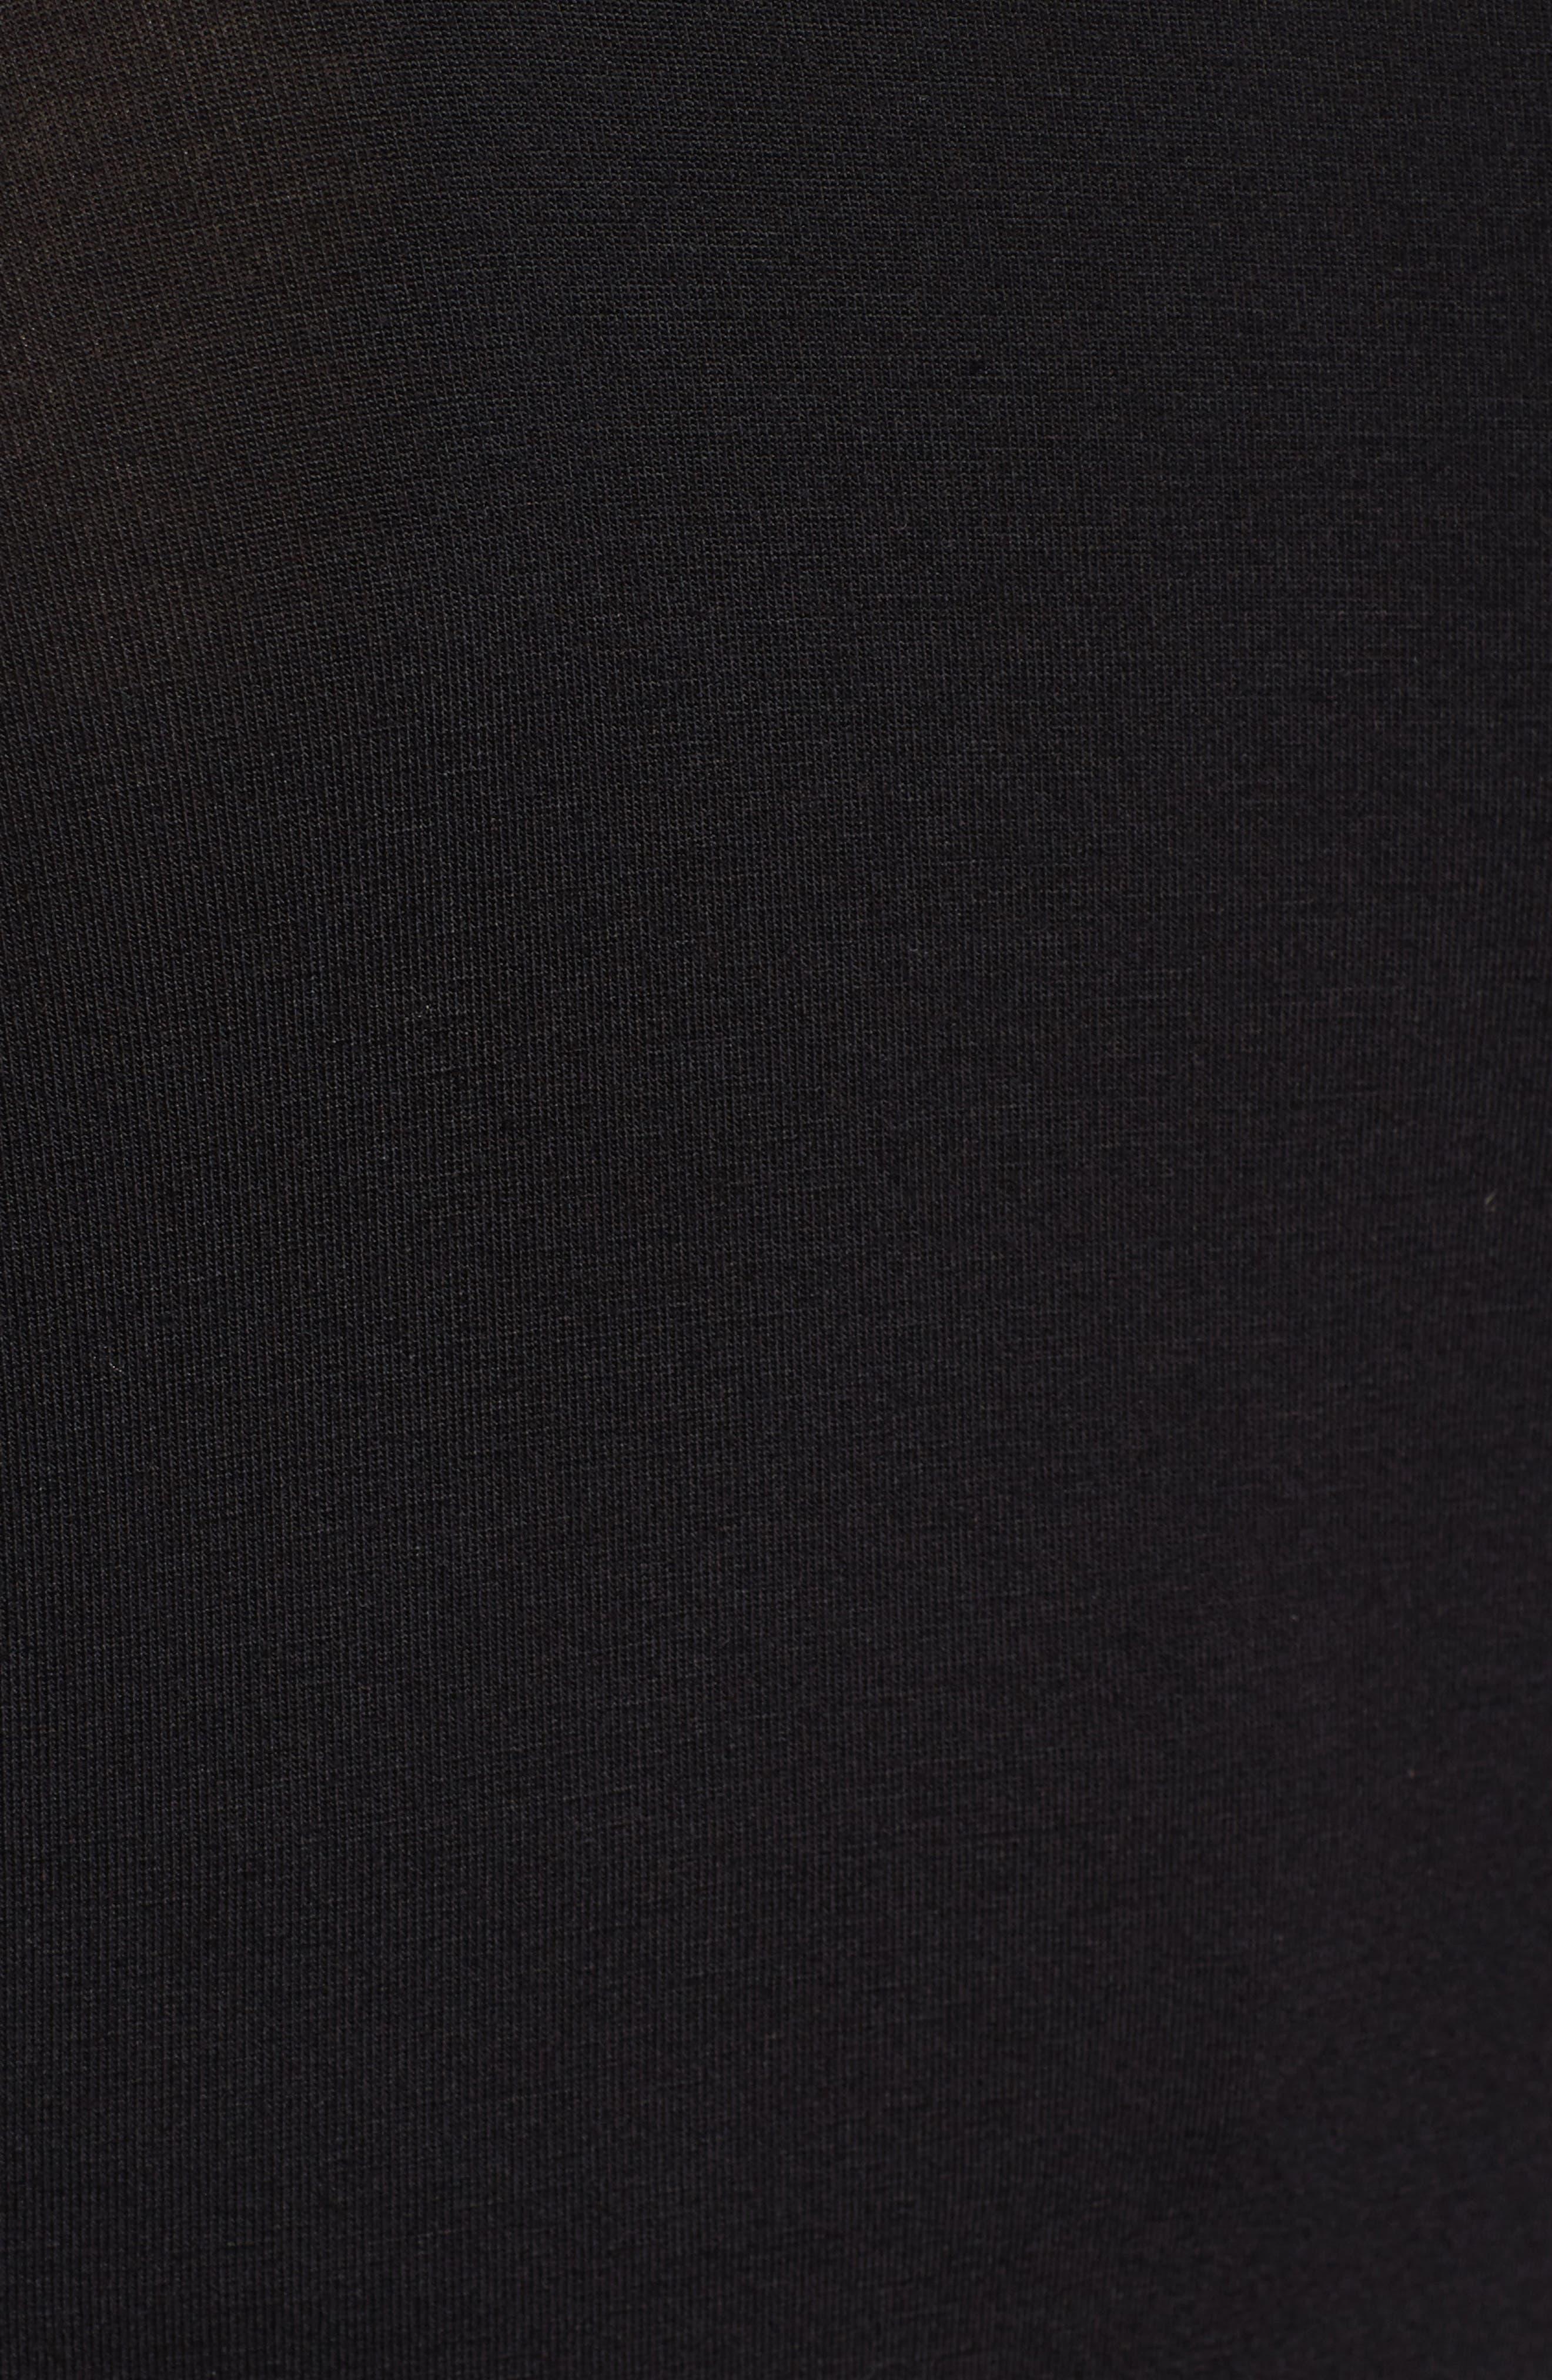 Patricia Cold Shoulder Bodysuit,                             Alternate thumbnail 5, color,                             001